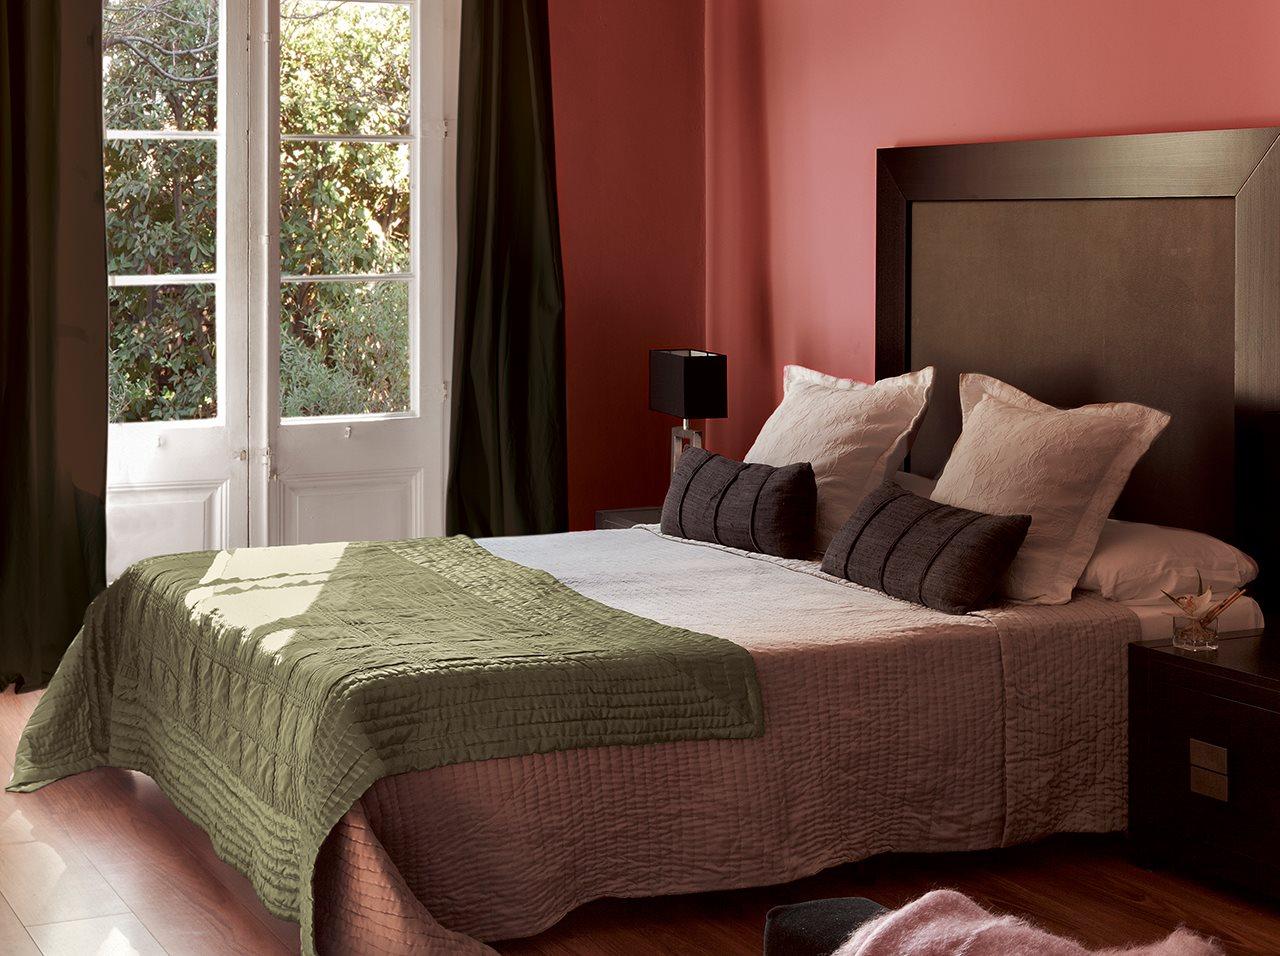 Un dormitorio con cinco estilos diferentes cu l te gusta for Dormitorio oscuro